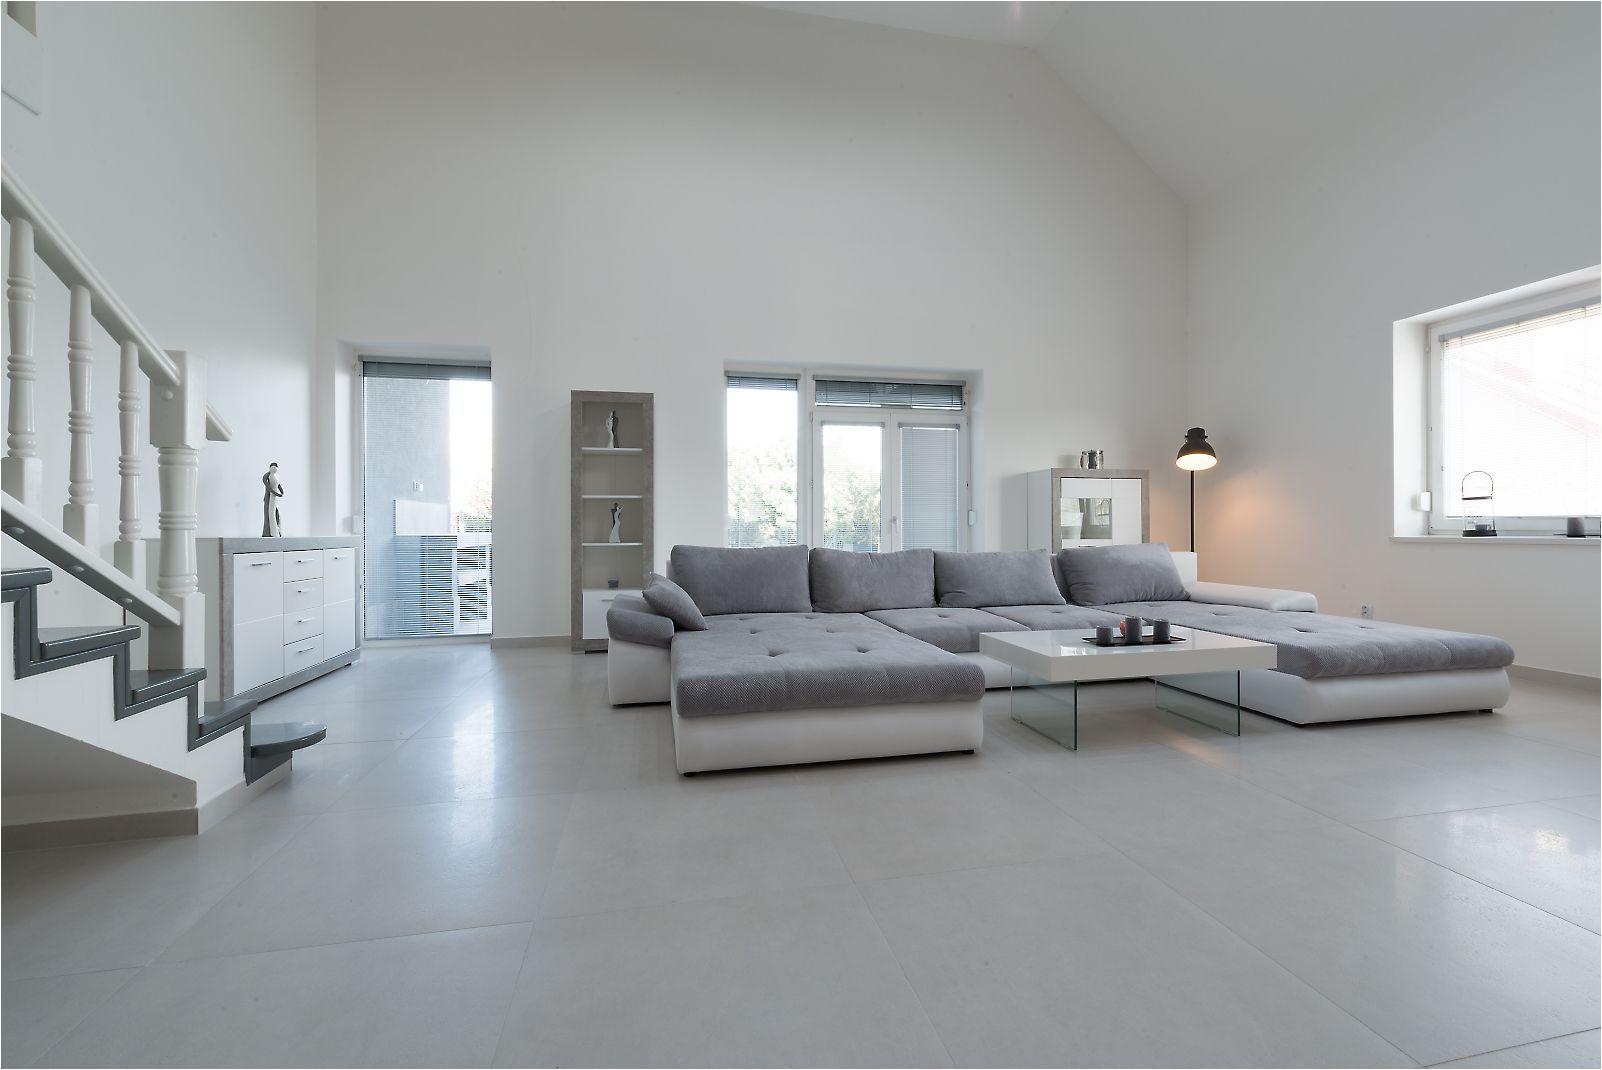 Rodinný dom-Predaj-Košice - mestská časť Pereš-439 000 €